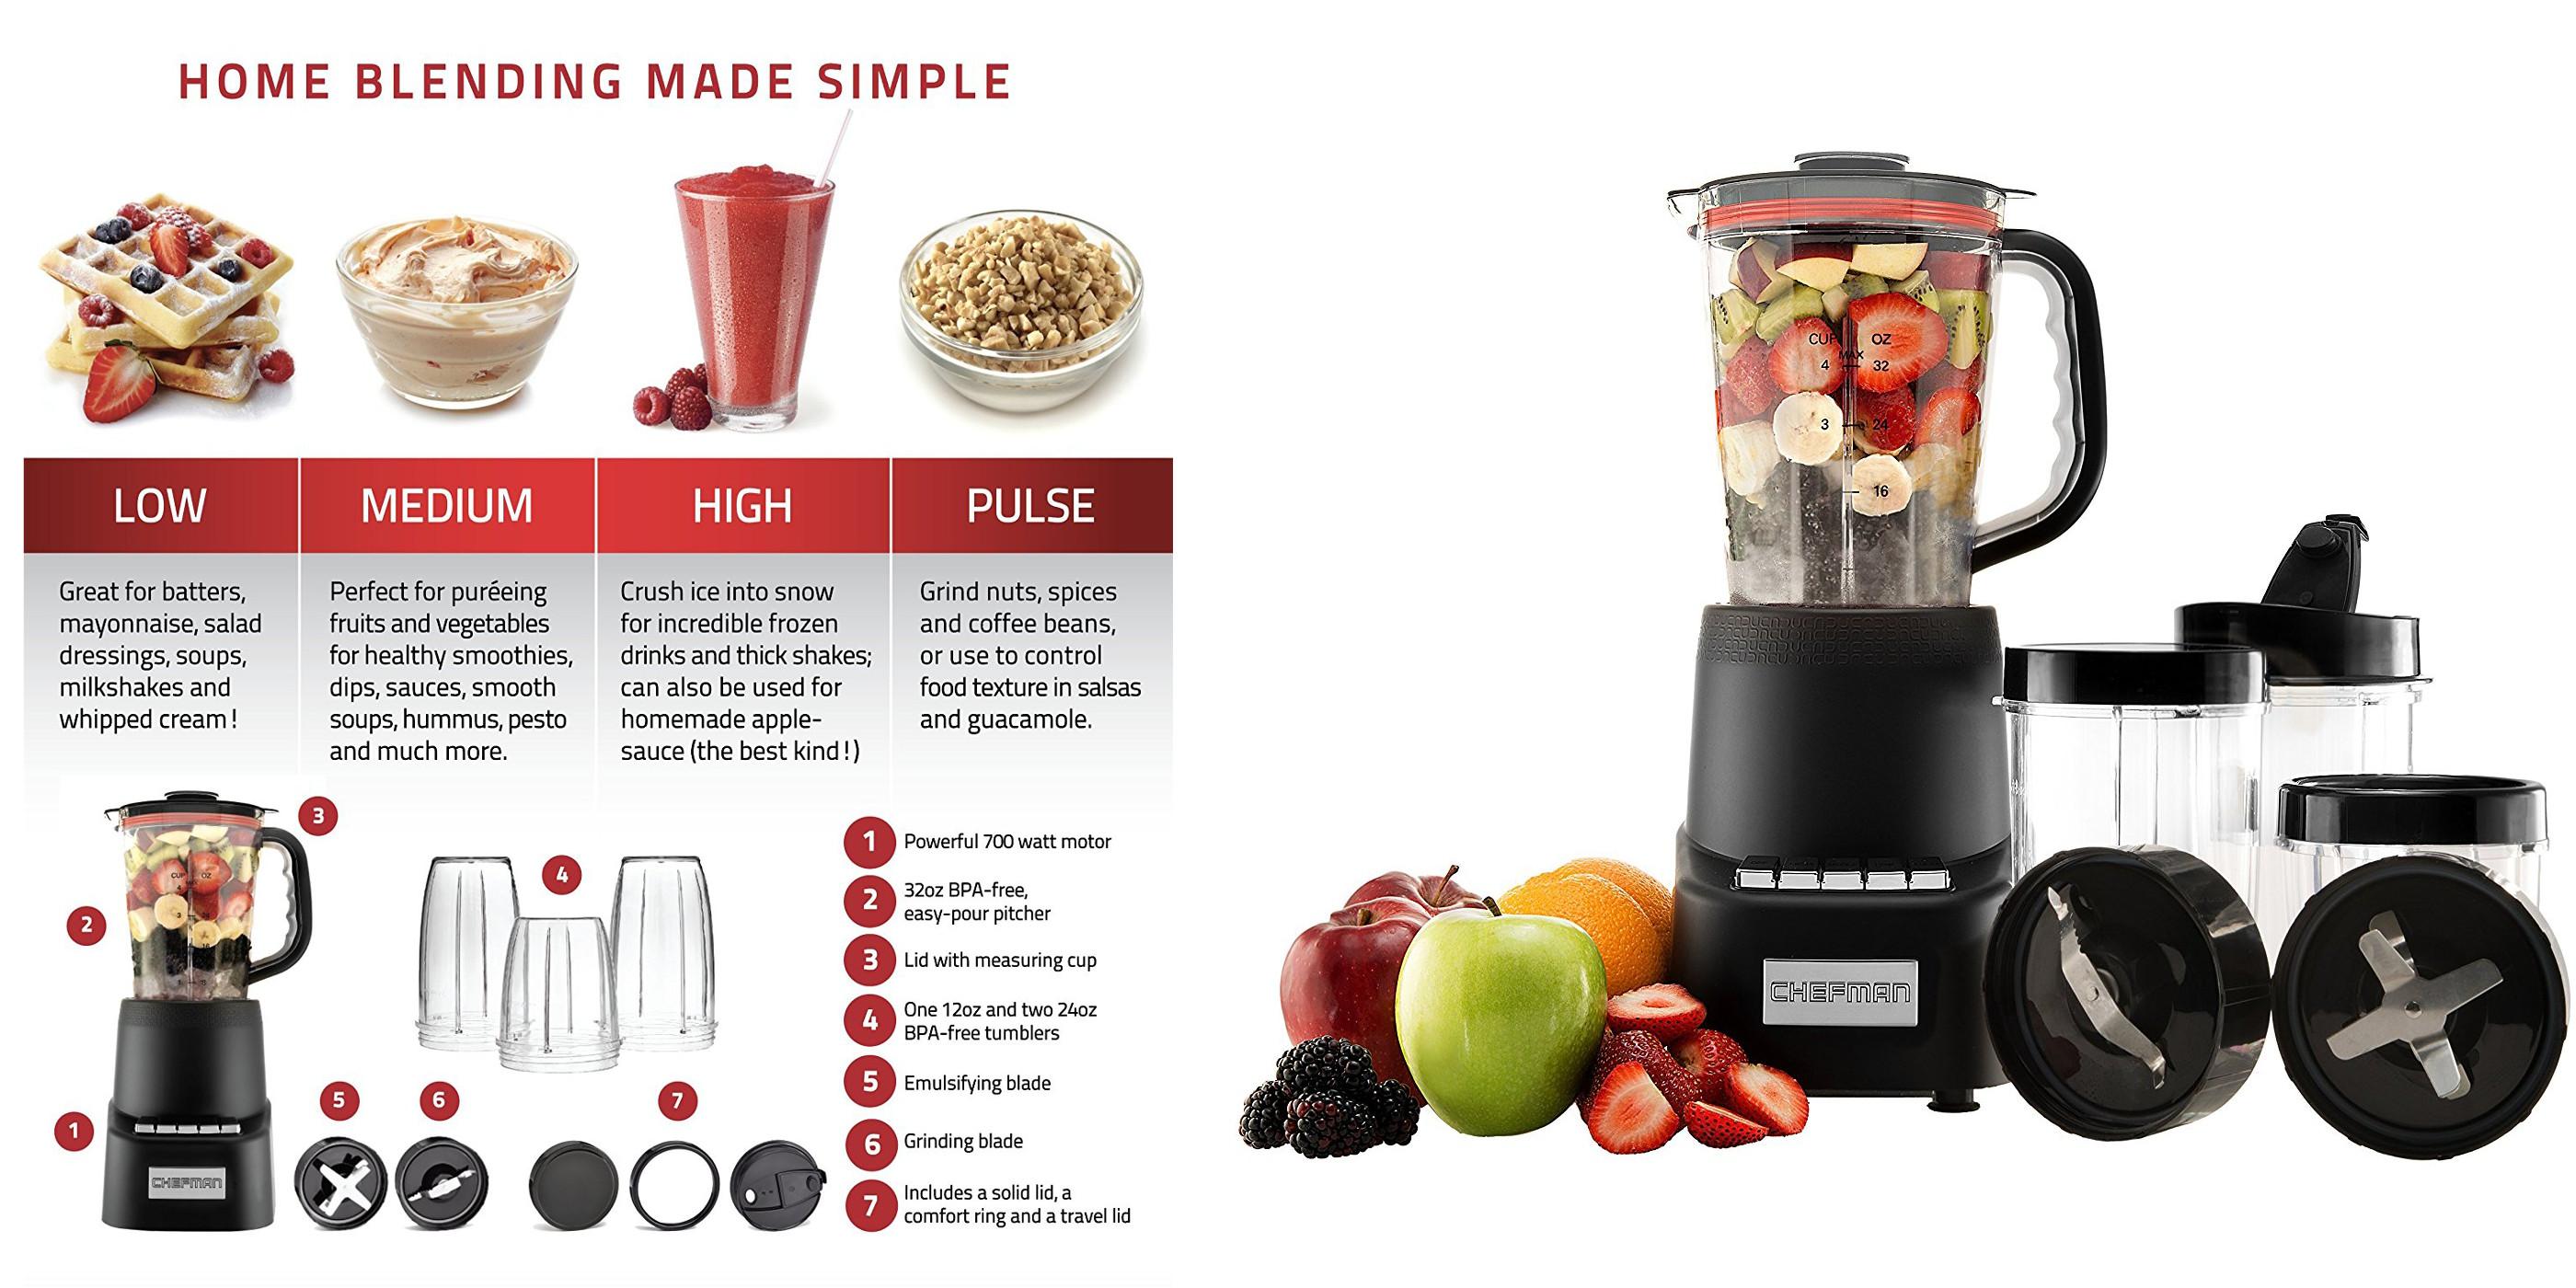 chefman-32-oz-blender-system-2